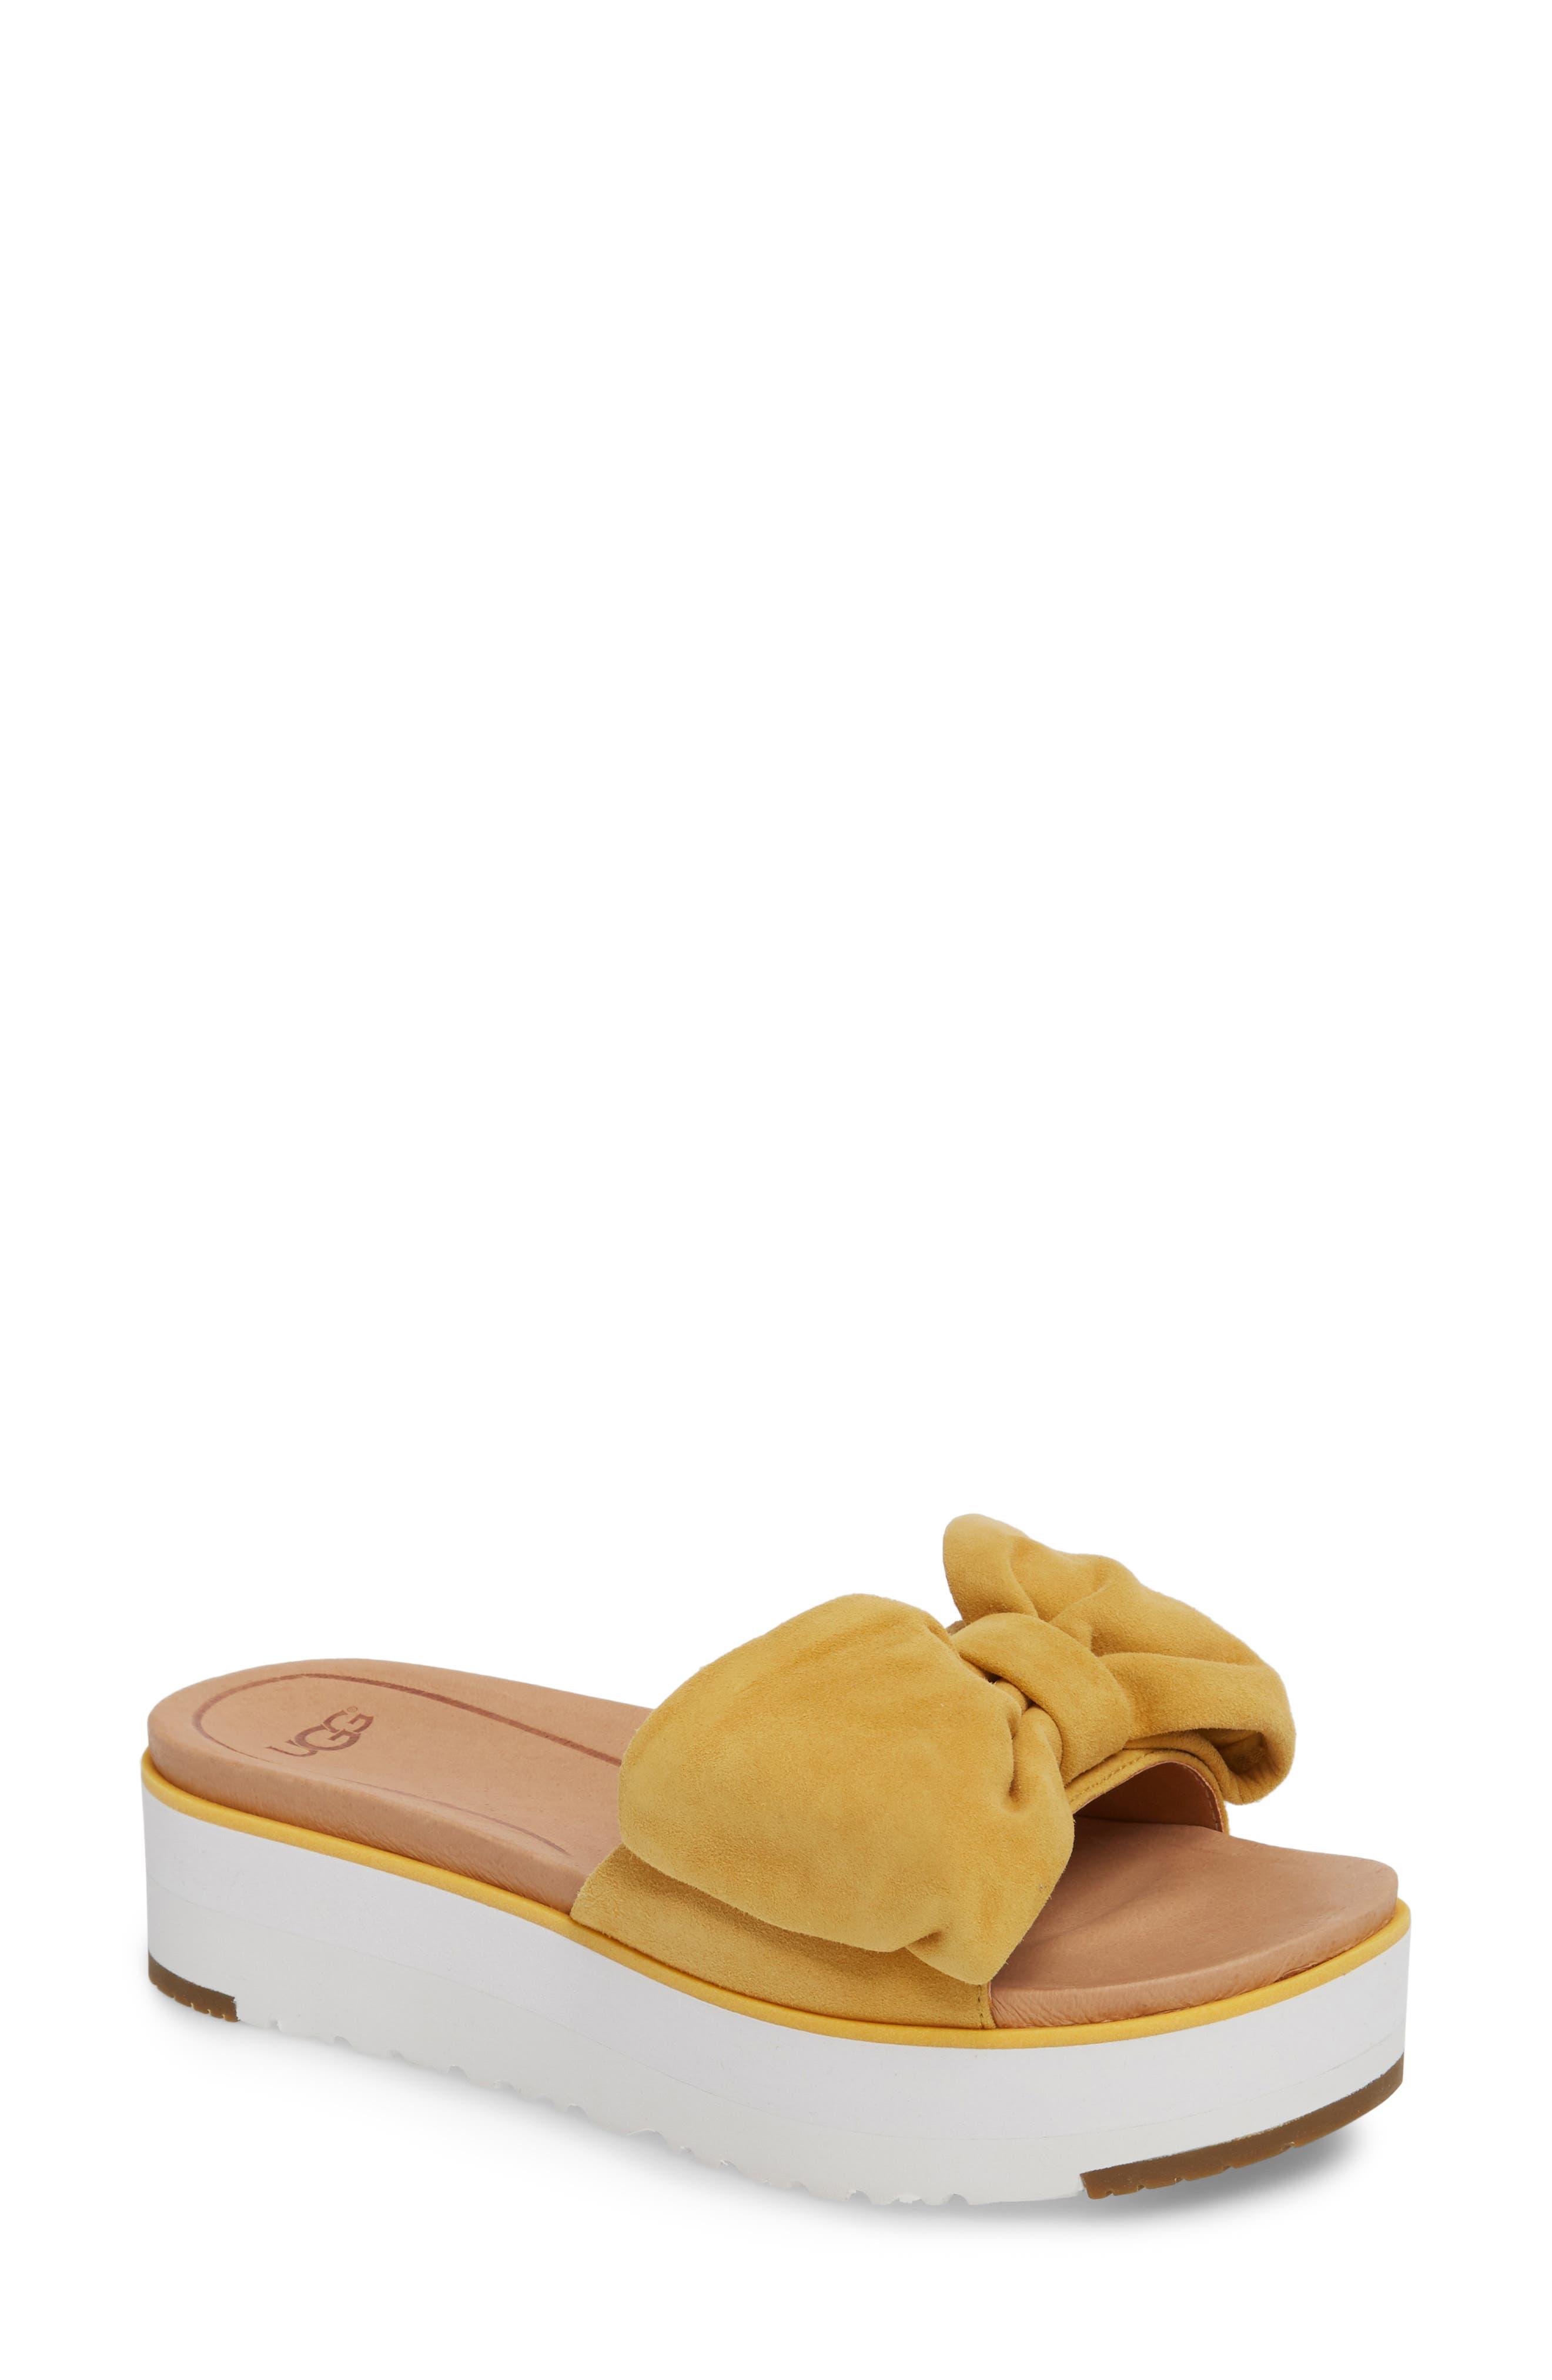 Joan Platform Sandal,                         Main,                         color, Sunflower Suede